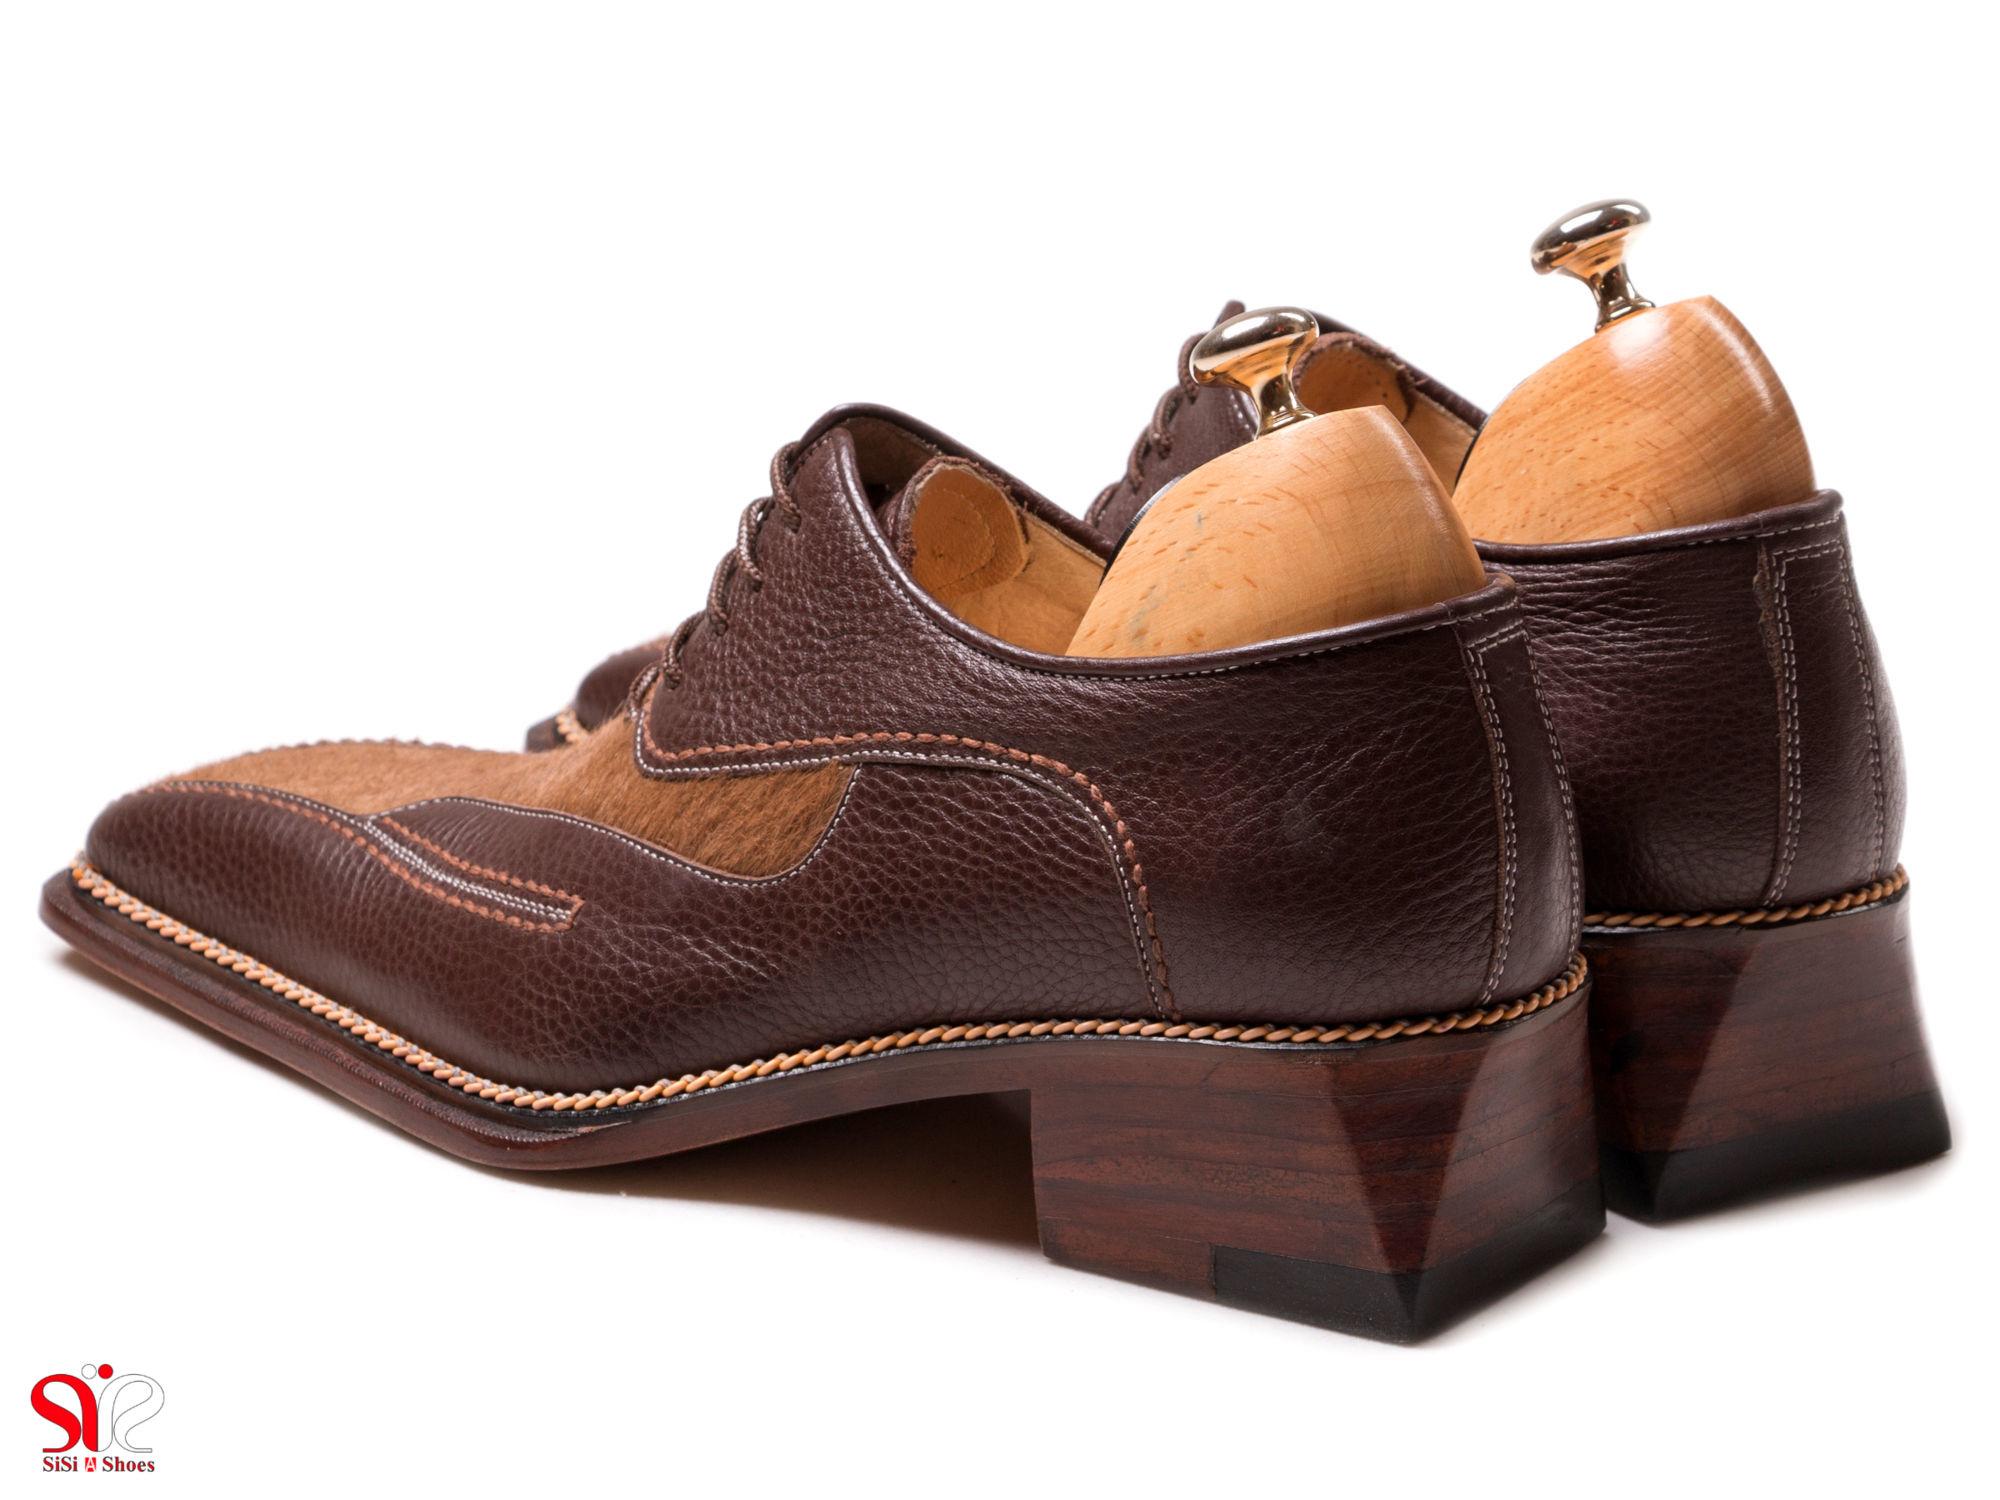 کفش مجلسی مردانه با پاشنه 5 سانتی متر بلند